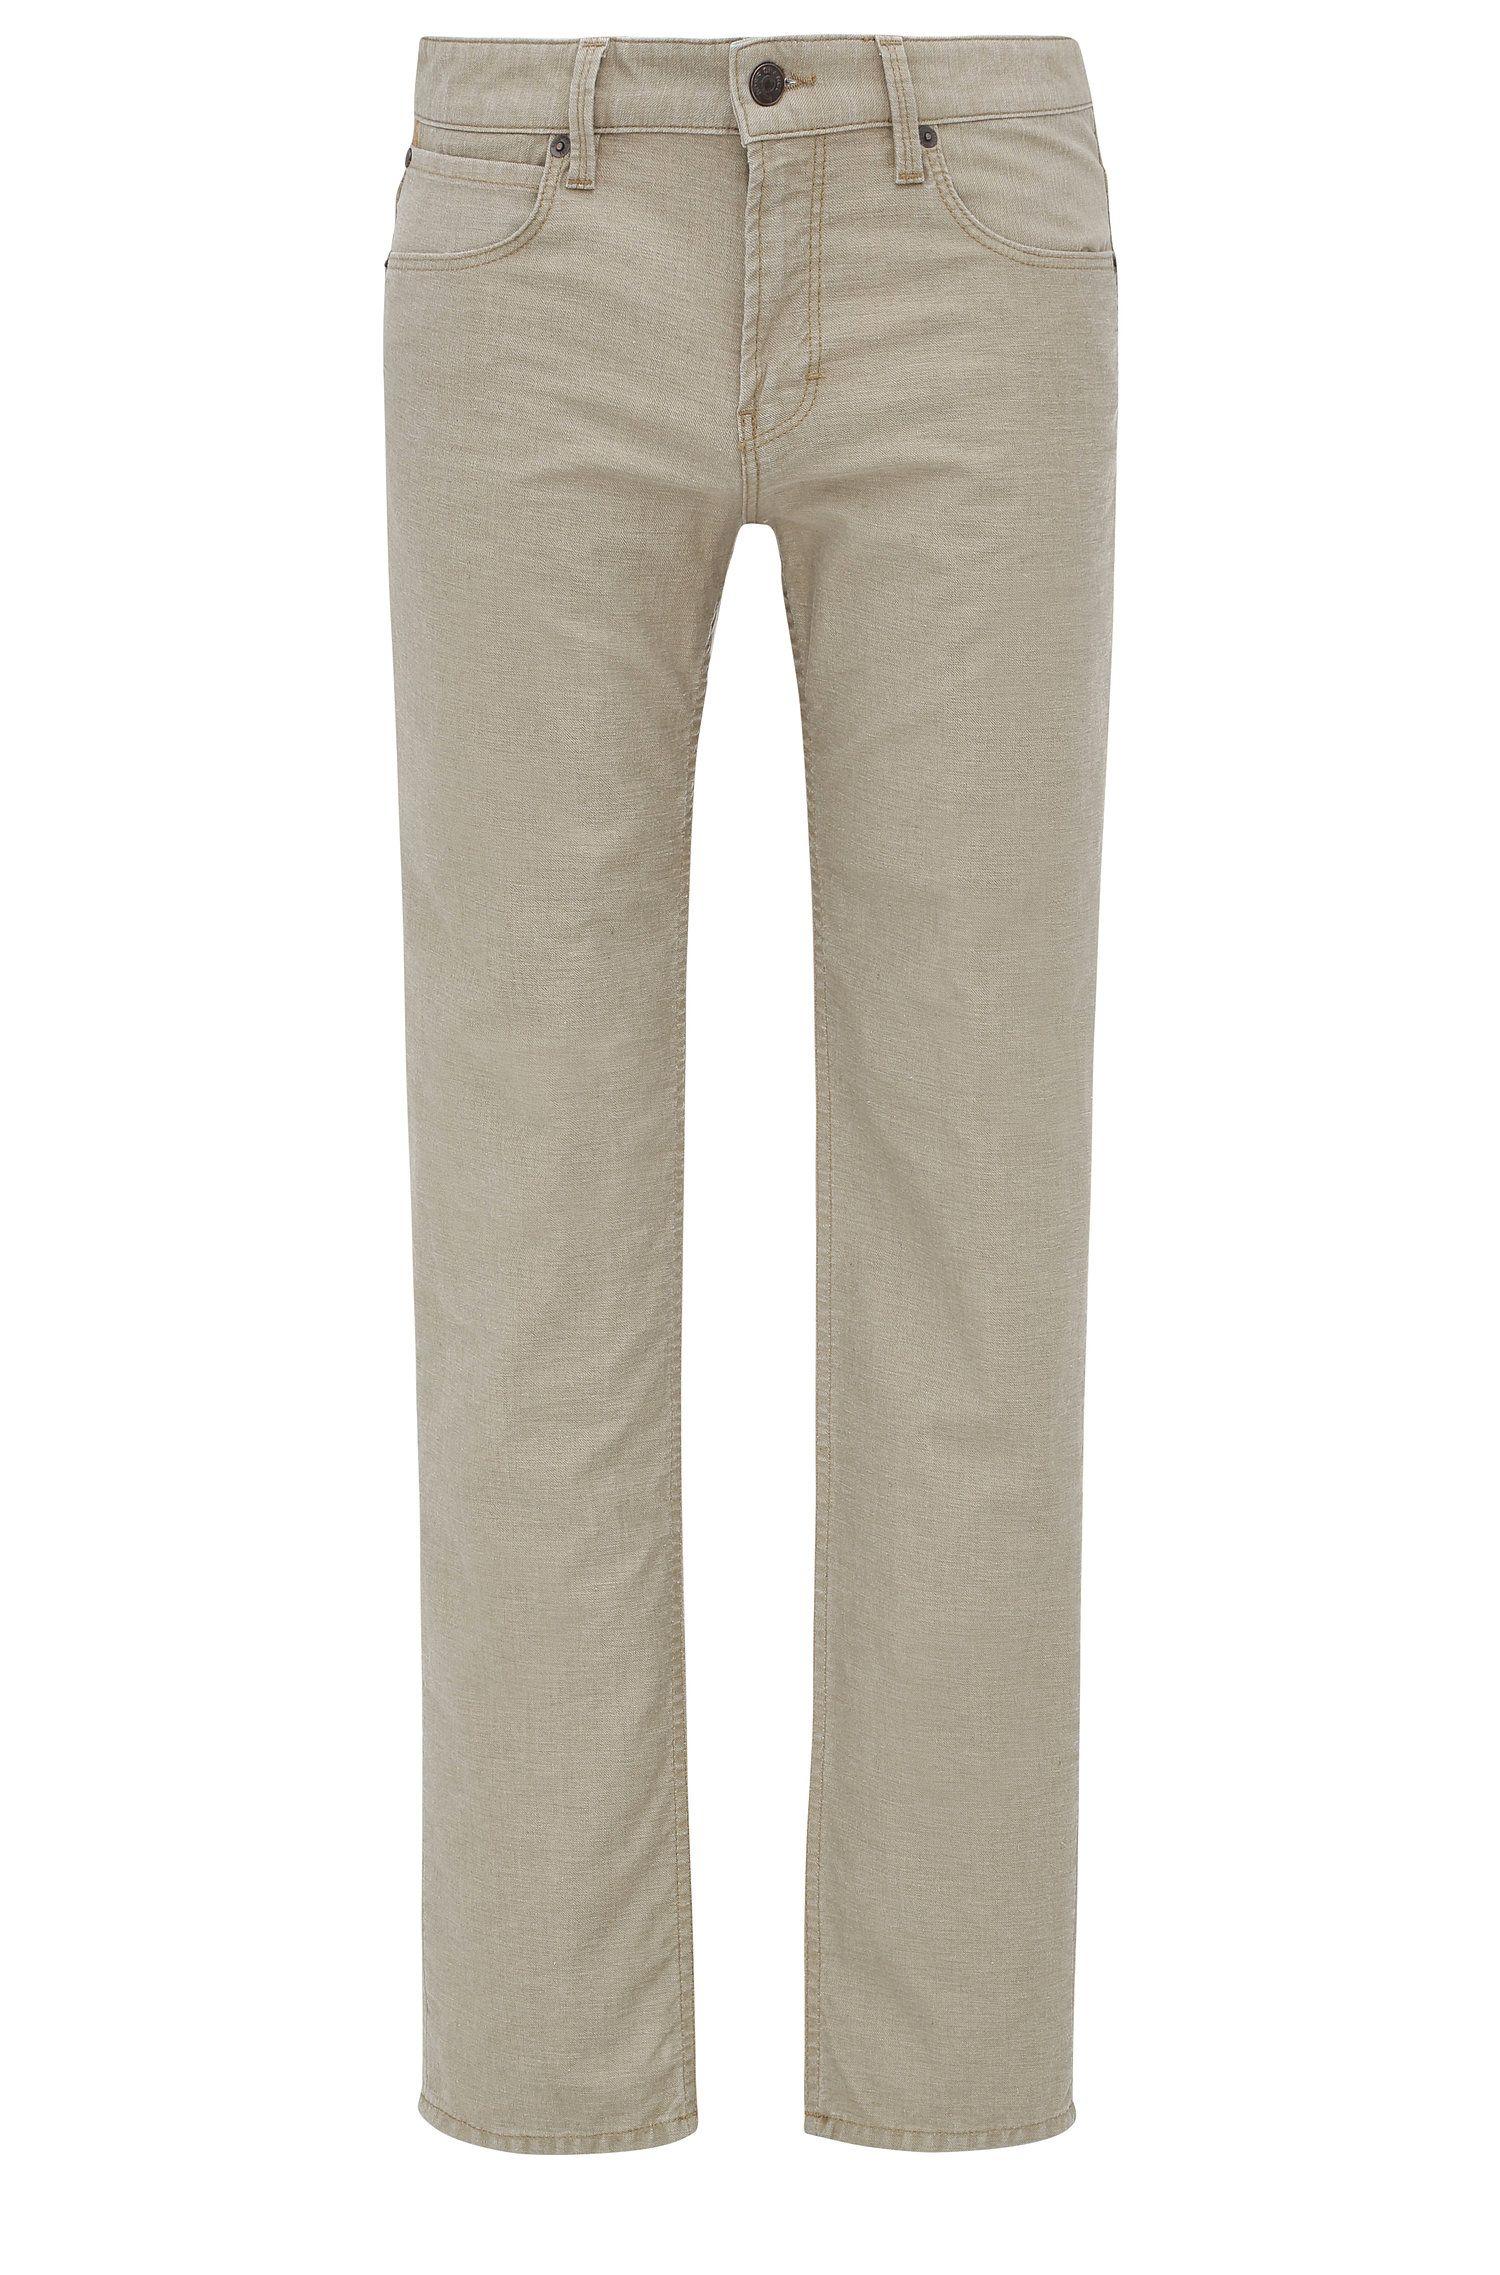 8 oz Stretch Cotton Linen Jeans, Slim Fit | Orange63